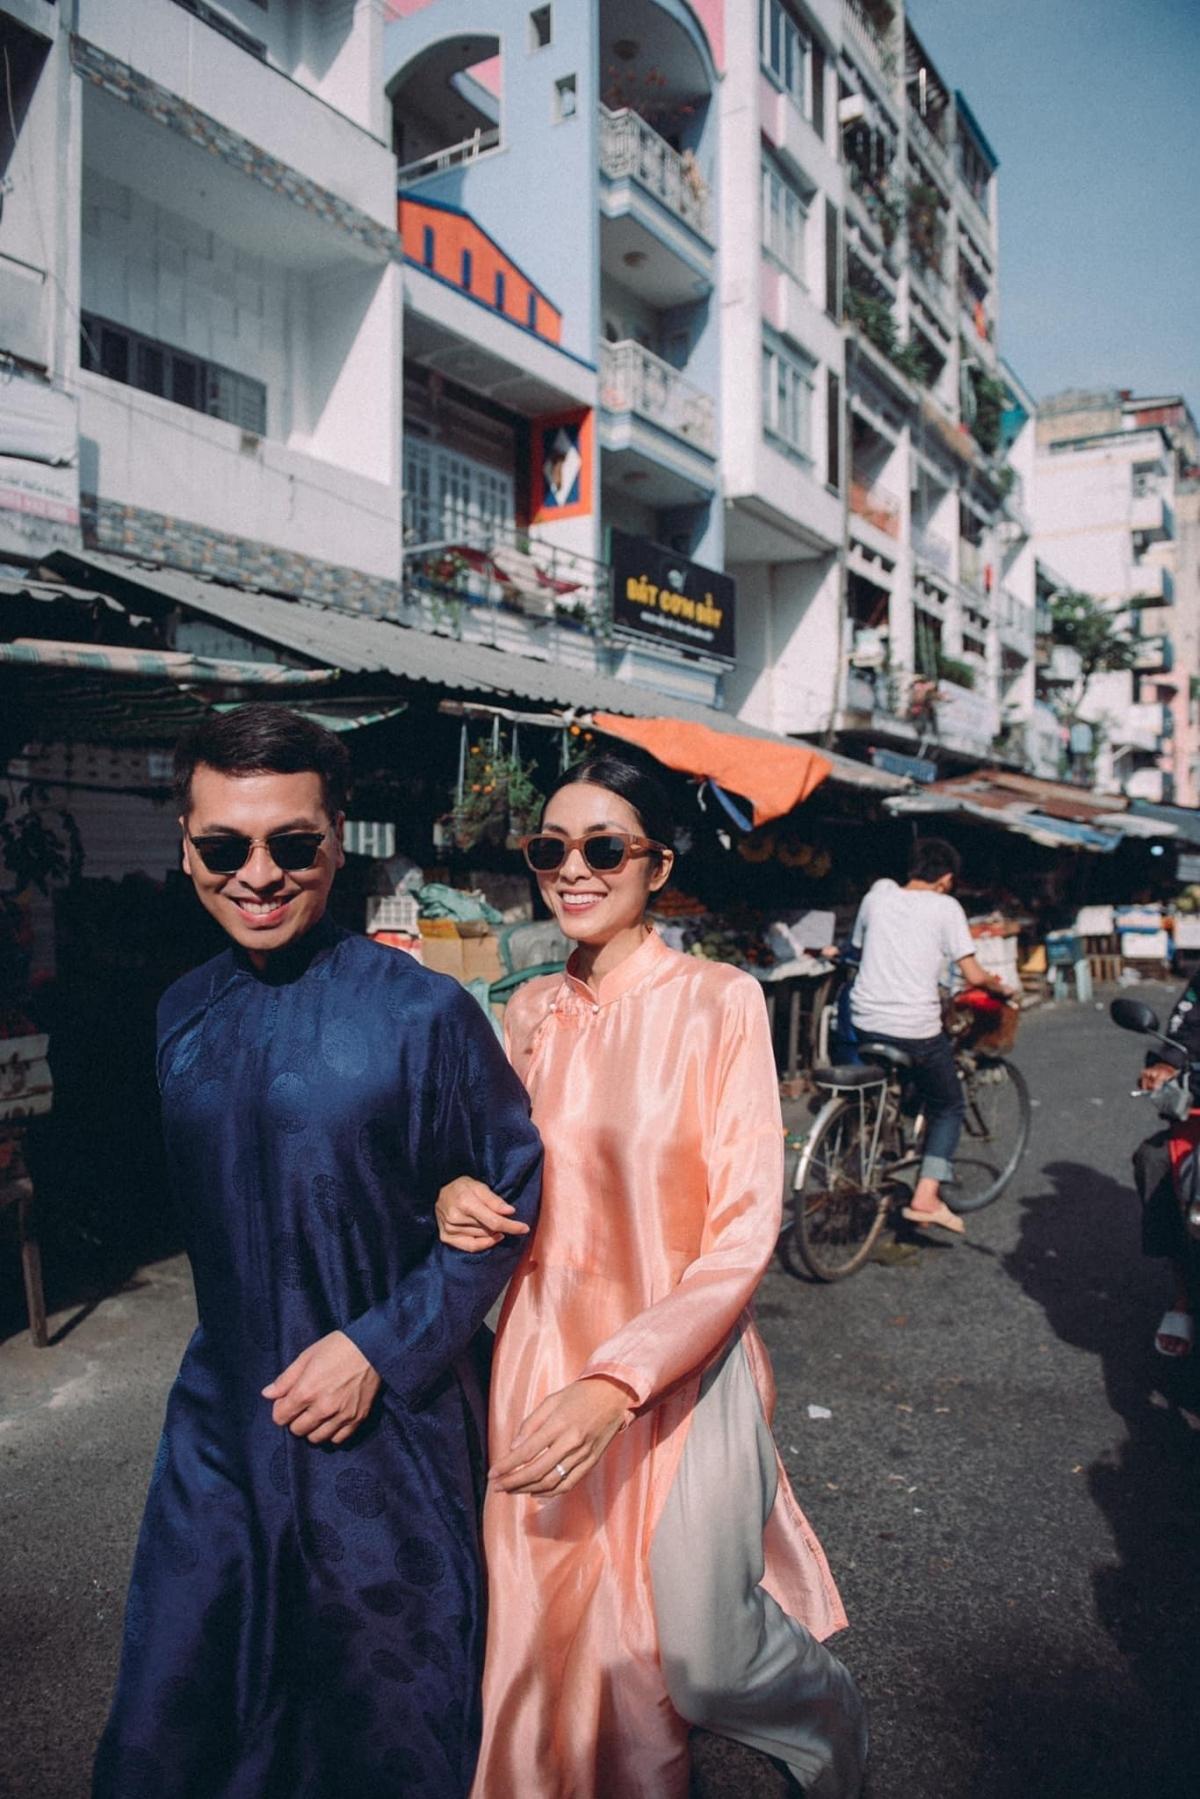 Đồng hành với cô trong bộ ảnh này là người bạn thân - người mẫu, stylist Quang Tuyến.